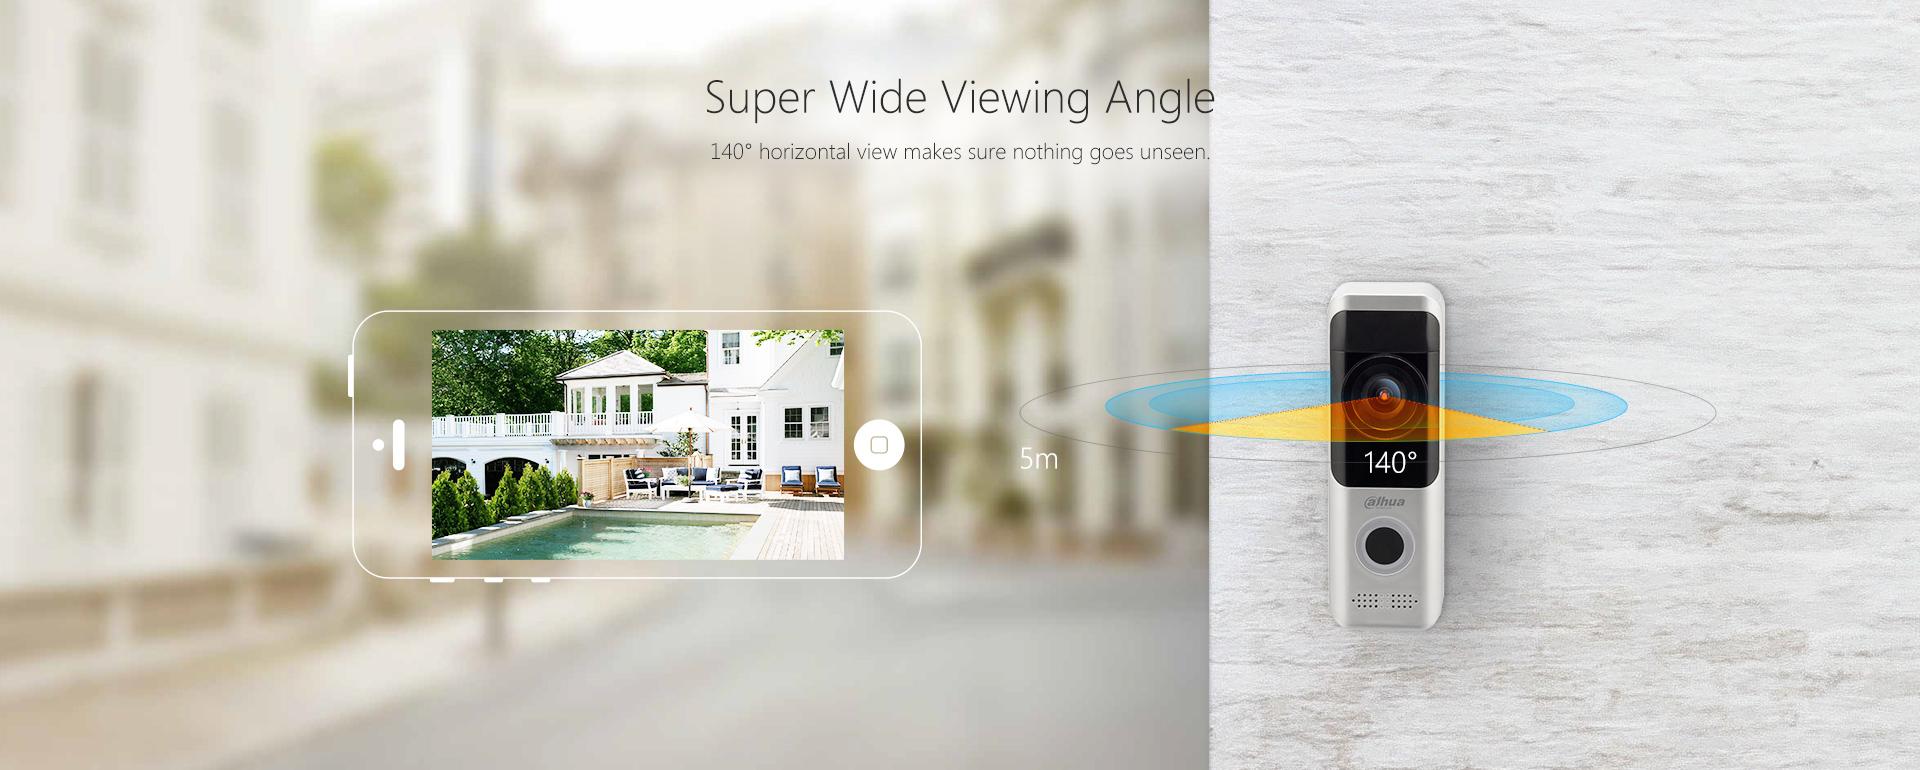 WLAN-Video-Tuersprechanlage-IP-Tuerklingel-mit-2MP-Kamera-Wi-Fi-und-Batteriebetrieb-Superweitwinkel